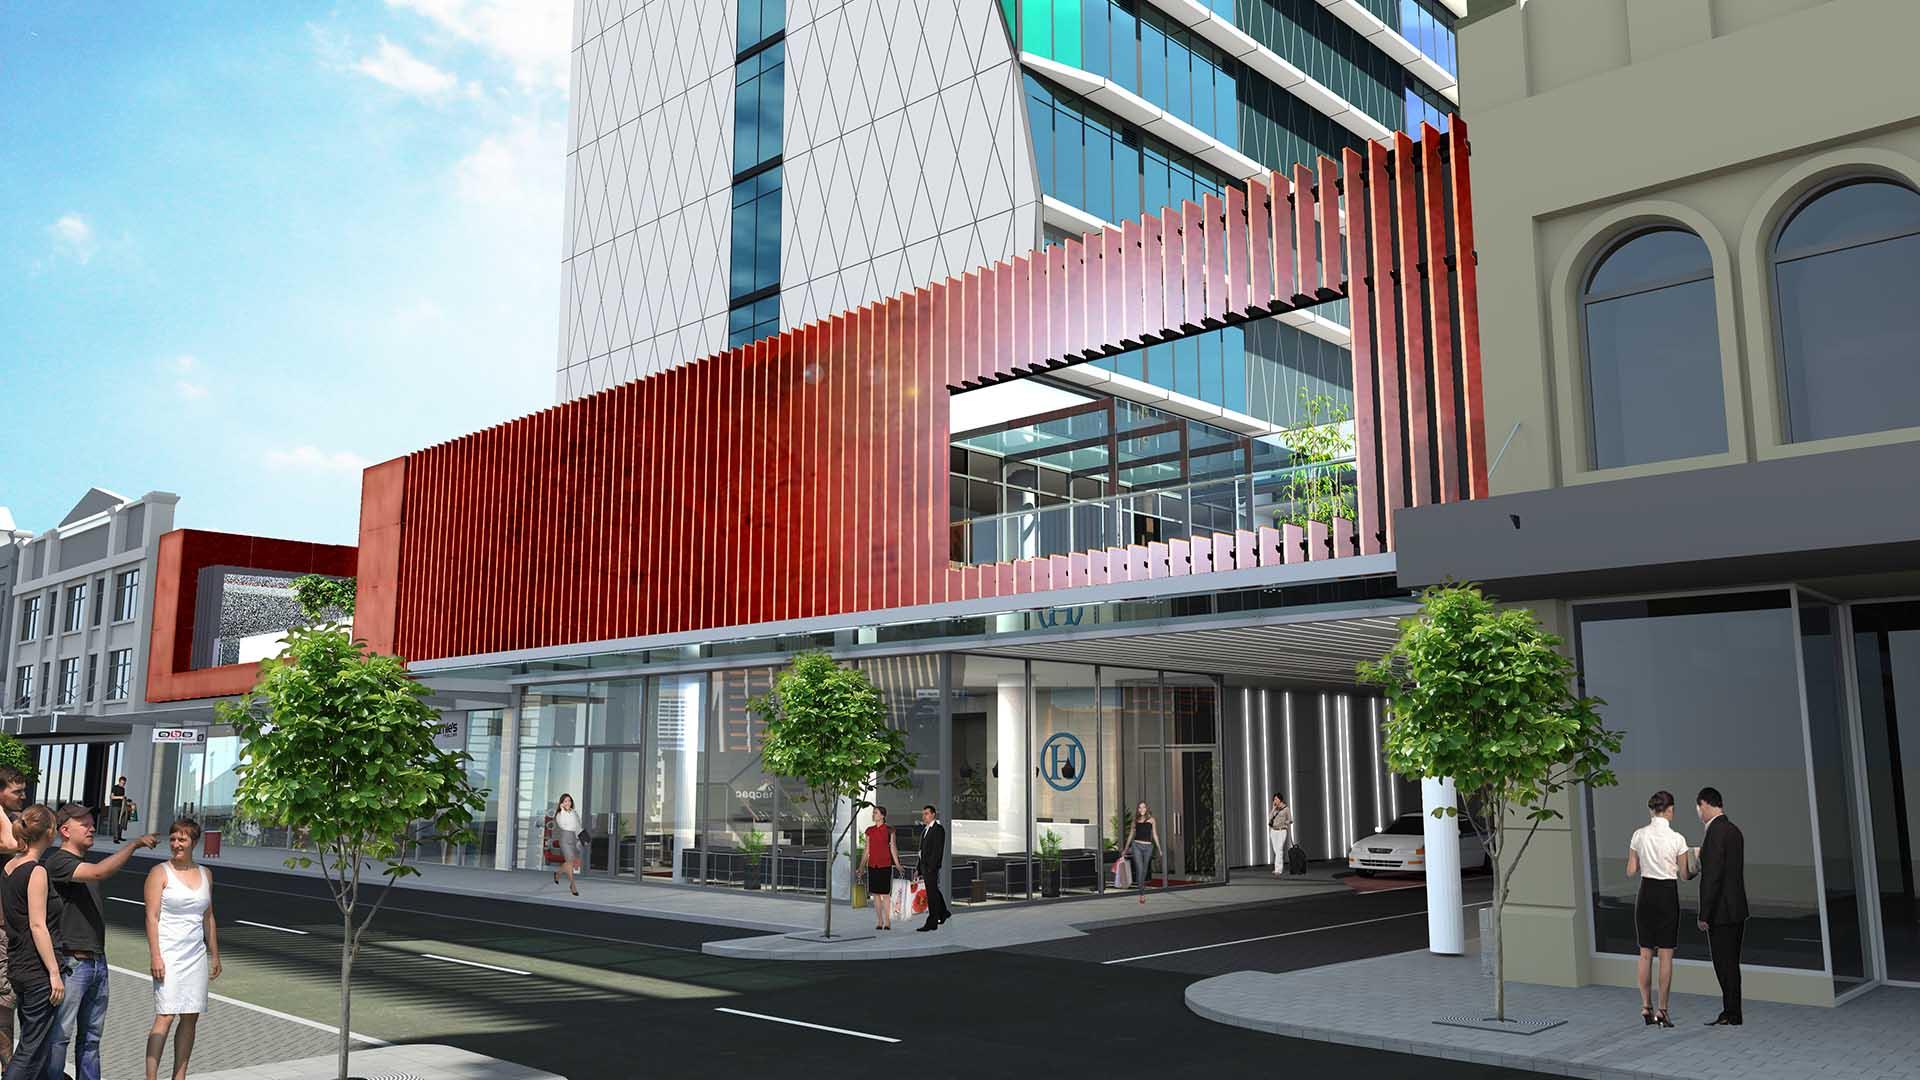 Australia's Next Art Series Hotel Will Feature a Towering 27-Storey-High Street Art Mural